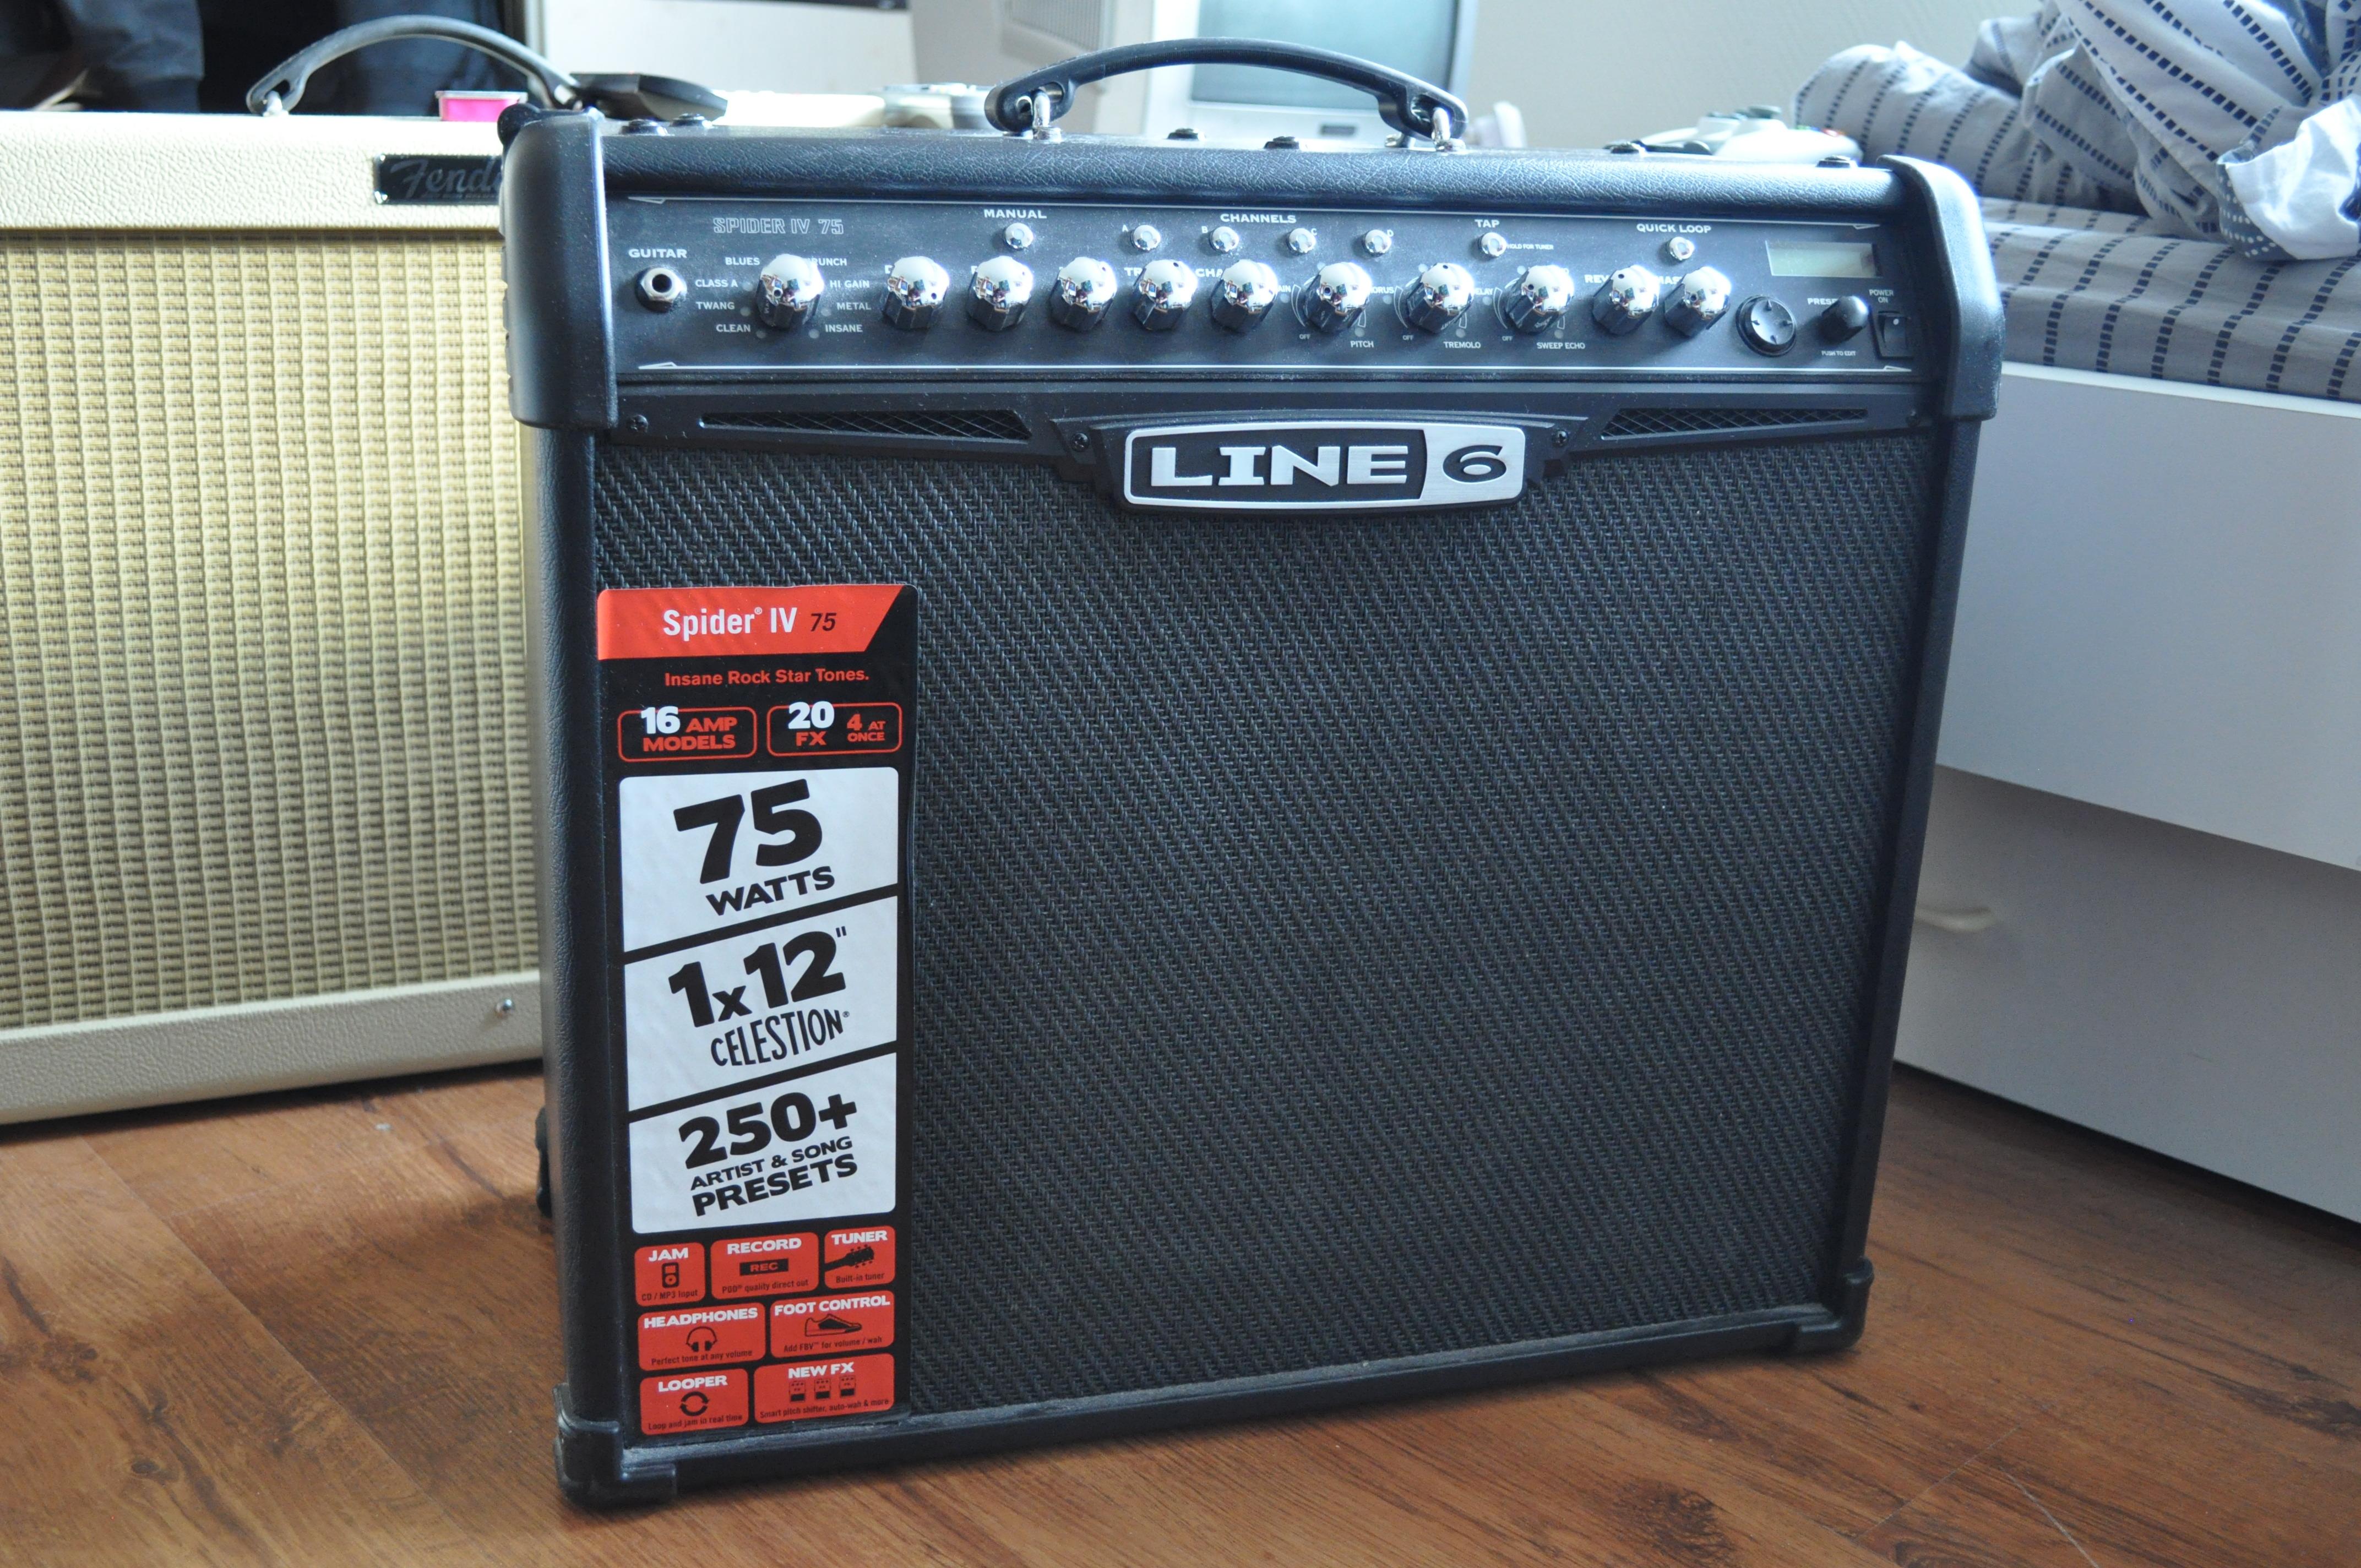 fs for sale ny line 6 spider iv 75 watt guitar amp. Black Bedroom Furniture Sets. Home Design Ideas